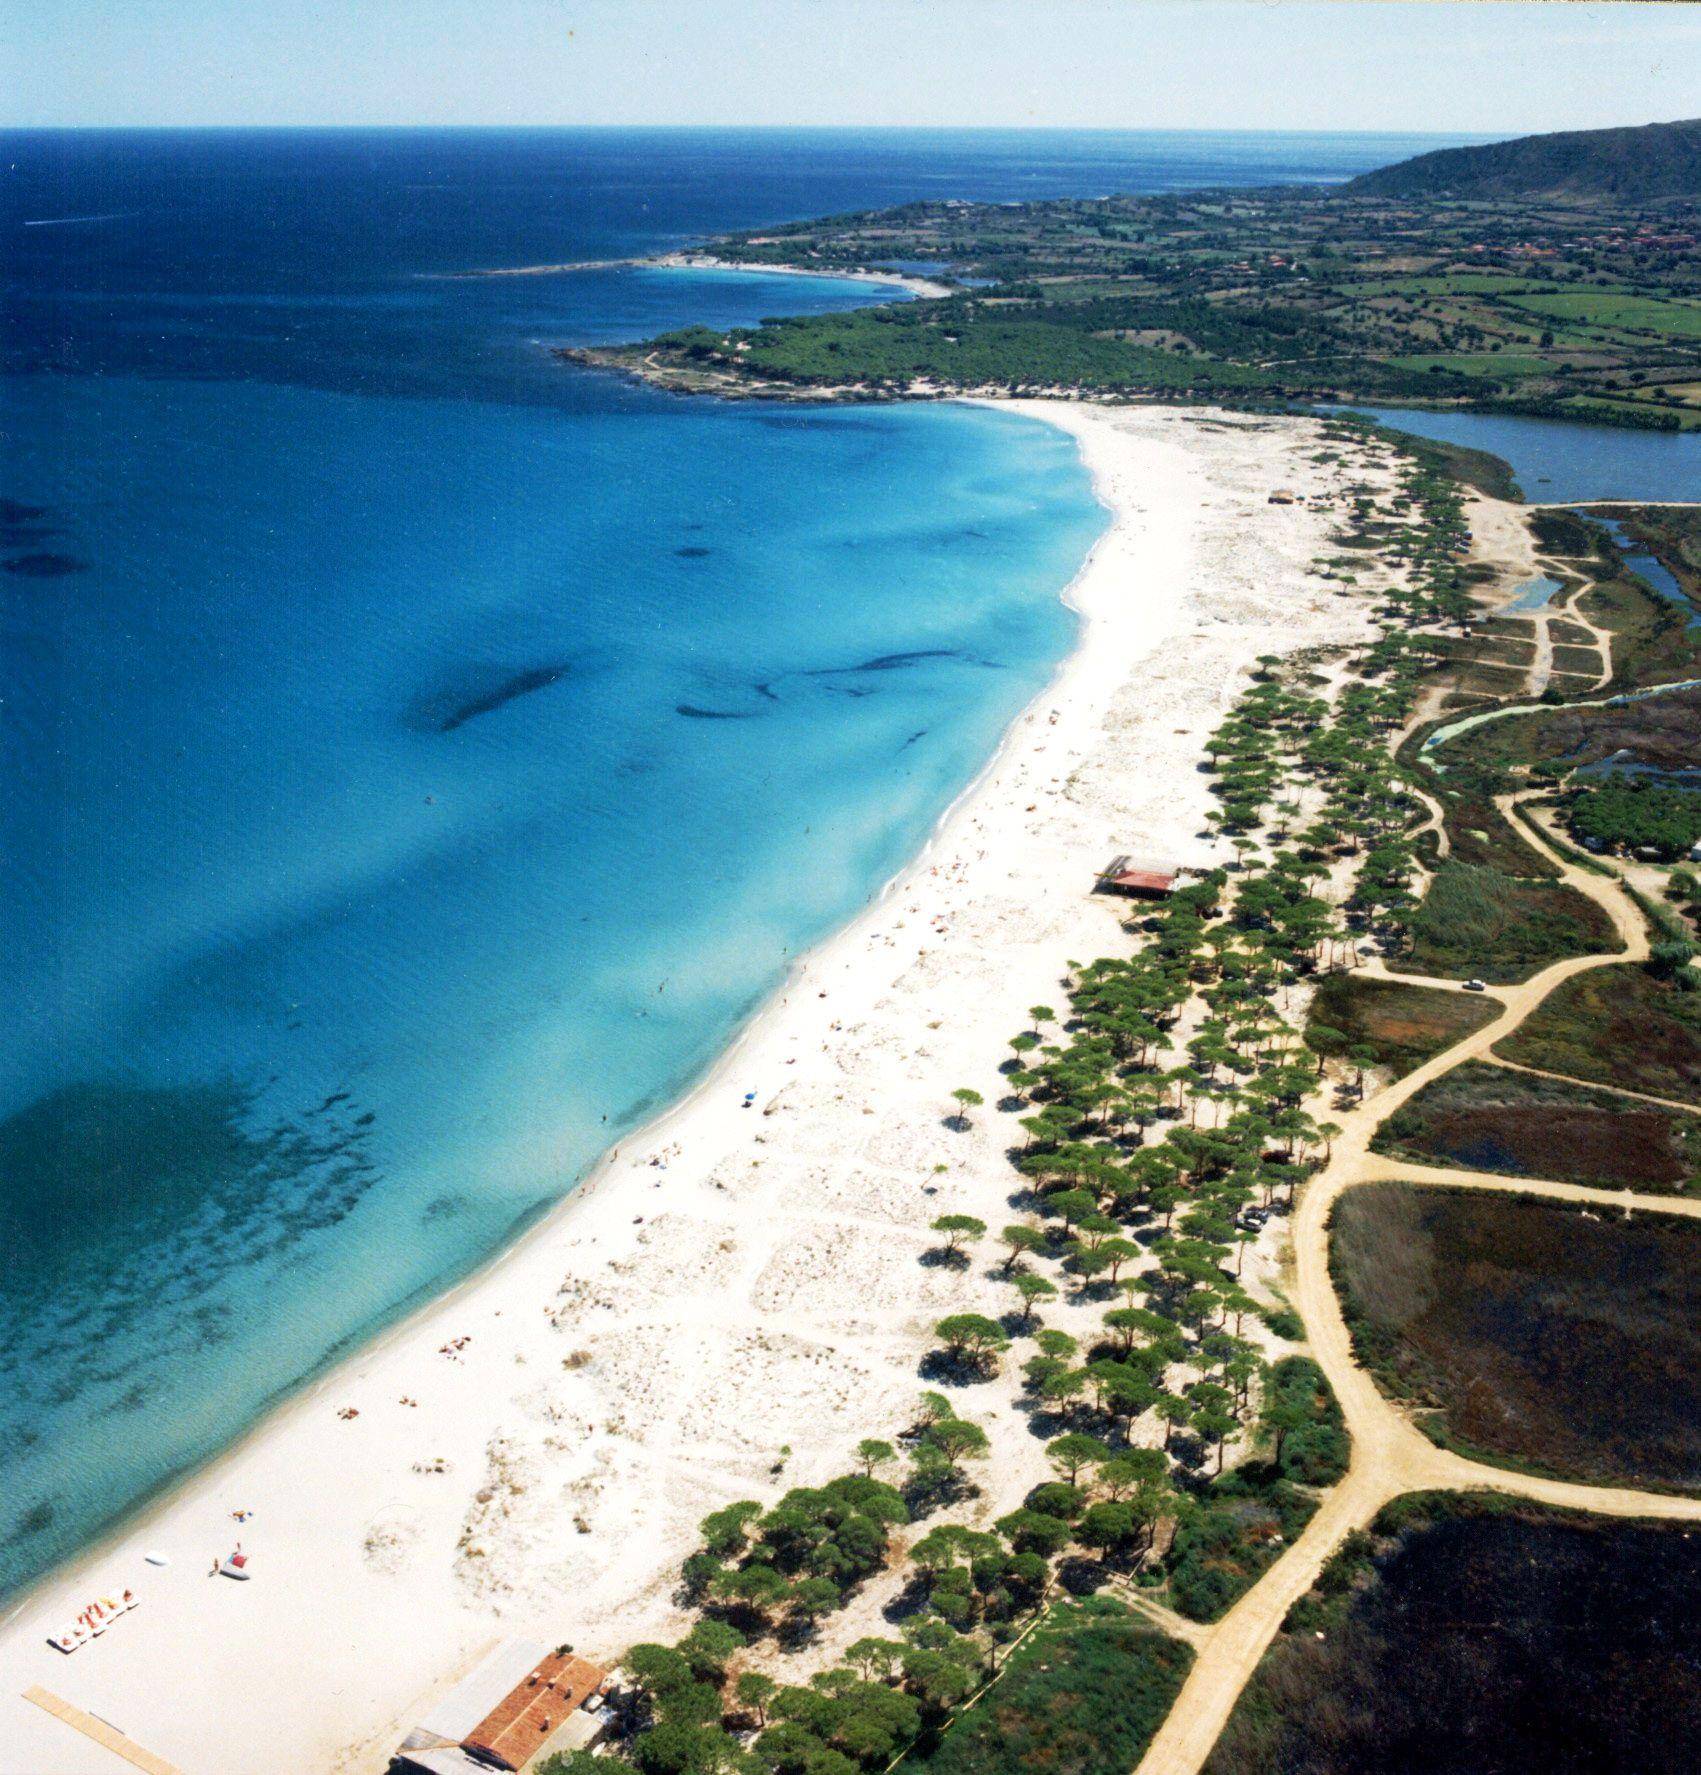 Sardegna budoni foto aerea della spiaggia budoni for Sardegna budoni spiagge